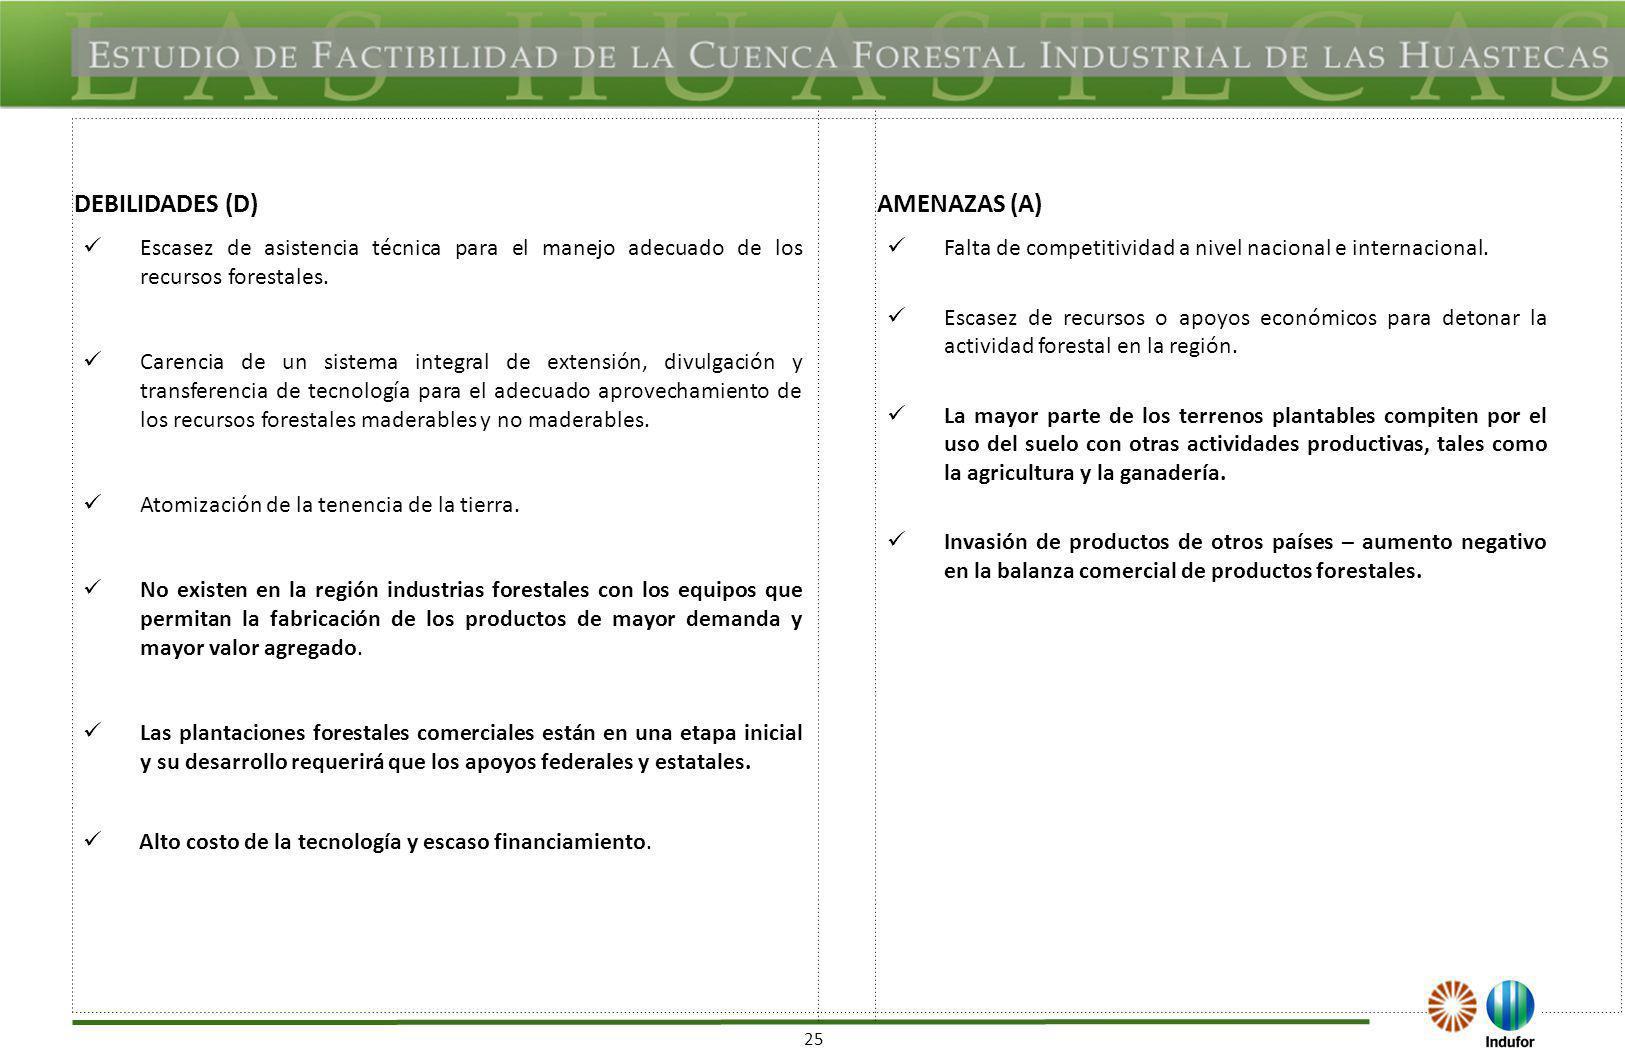 SAN LUIS POTOSÍ FORTALEZAS (F) OPORTUNIDADES (O)